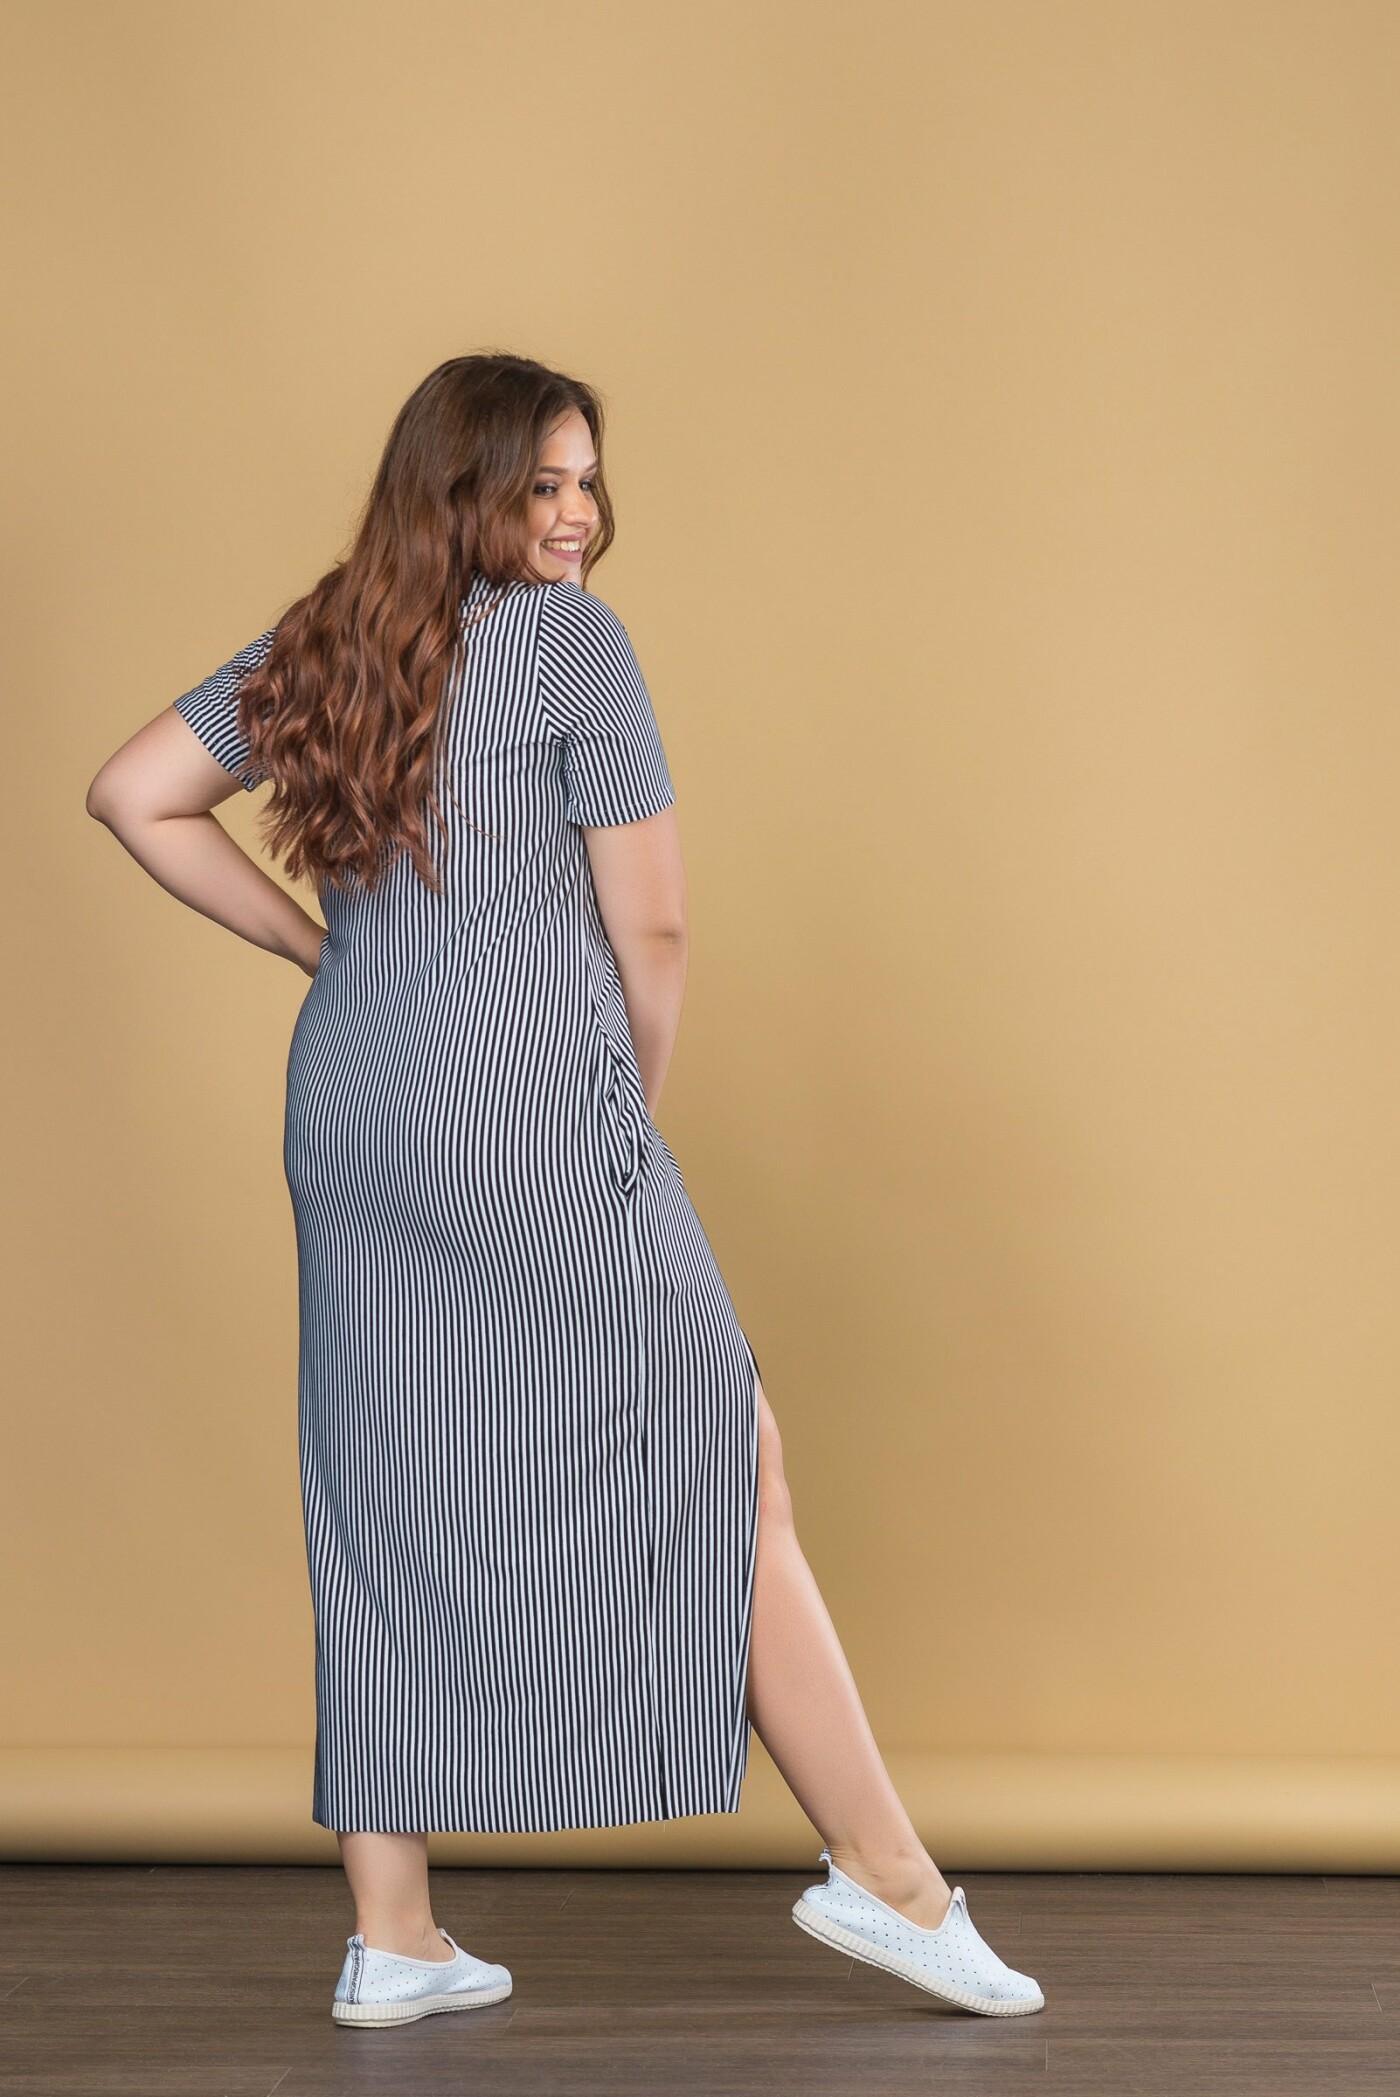 Реклама нижнего белья вместо комплексов из-за фигуры. Как харьковчанка стала моделью plus size, - ФОТО, фото-4